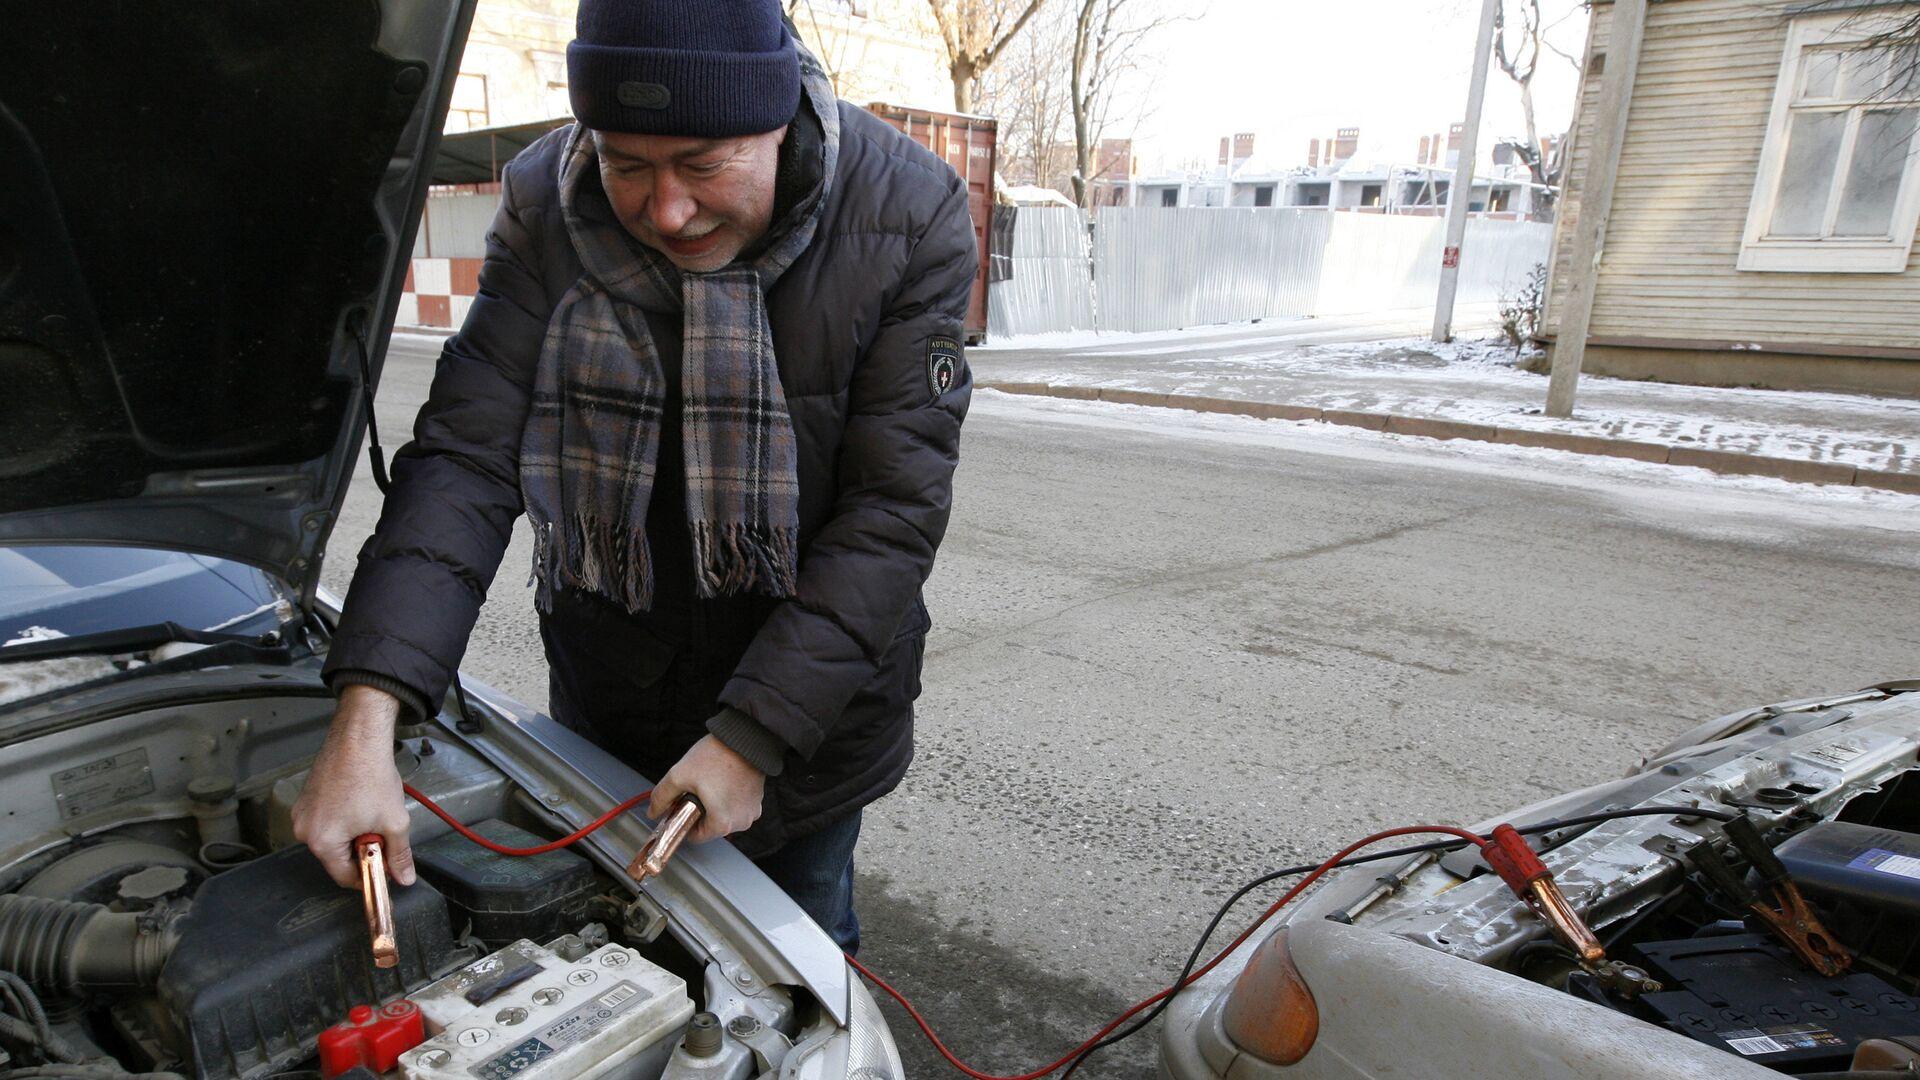 Мужчина прикуривает аккумулятор от другого автомобиля - РИА Новости, 1920, 09.02.2021